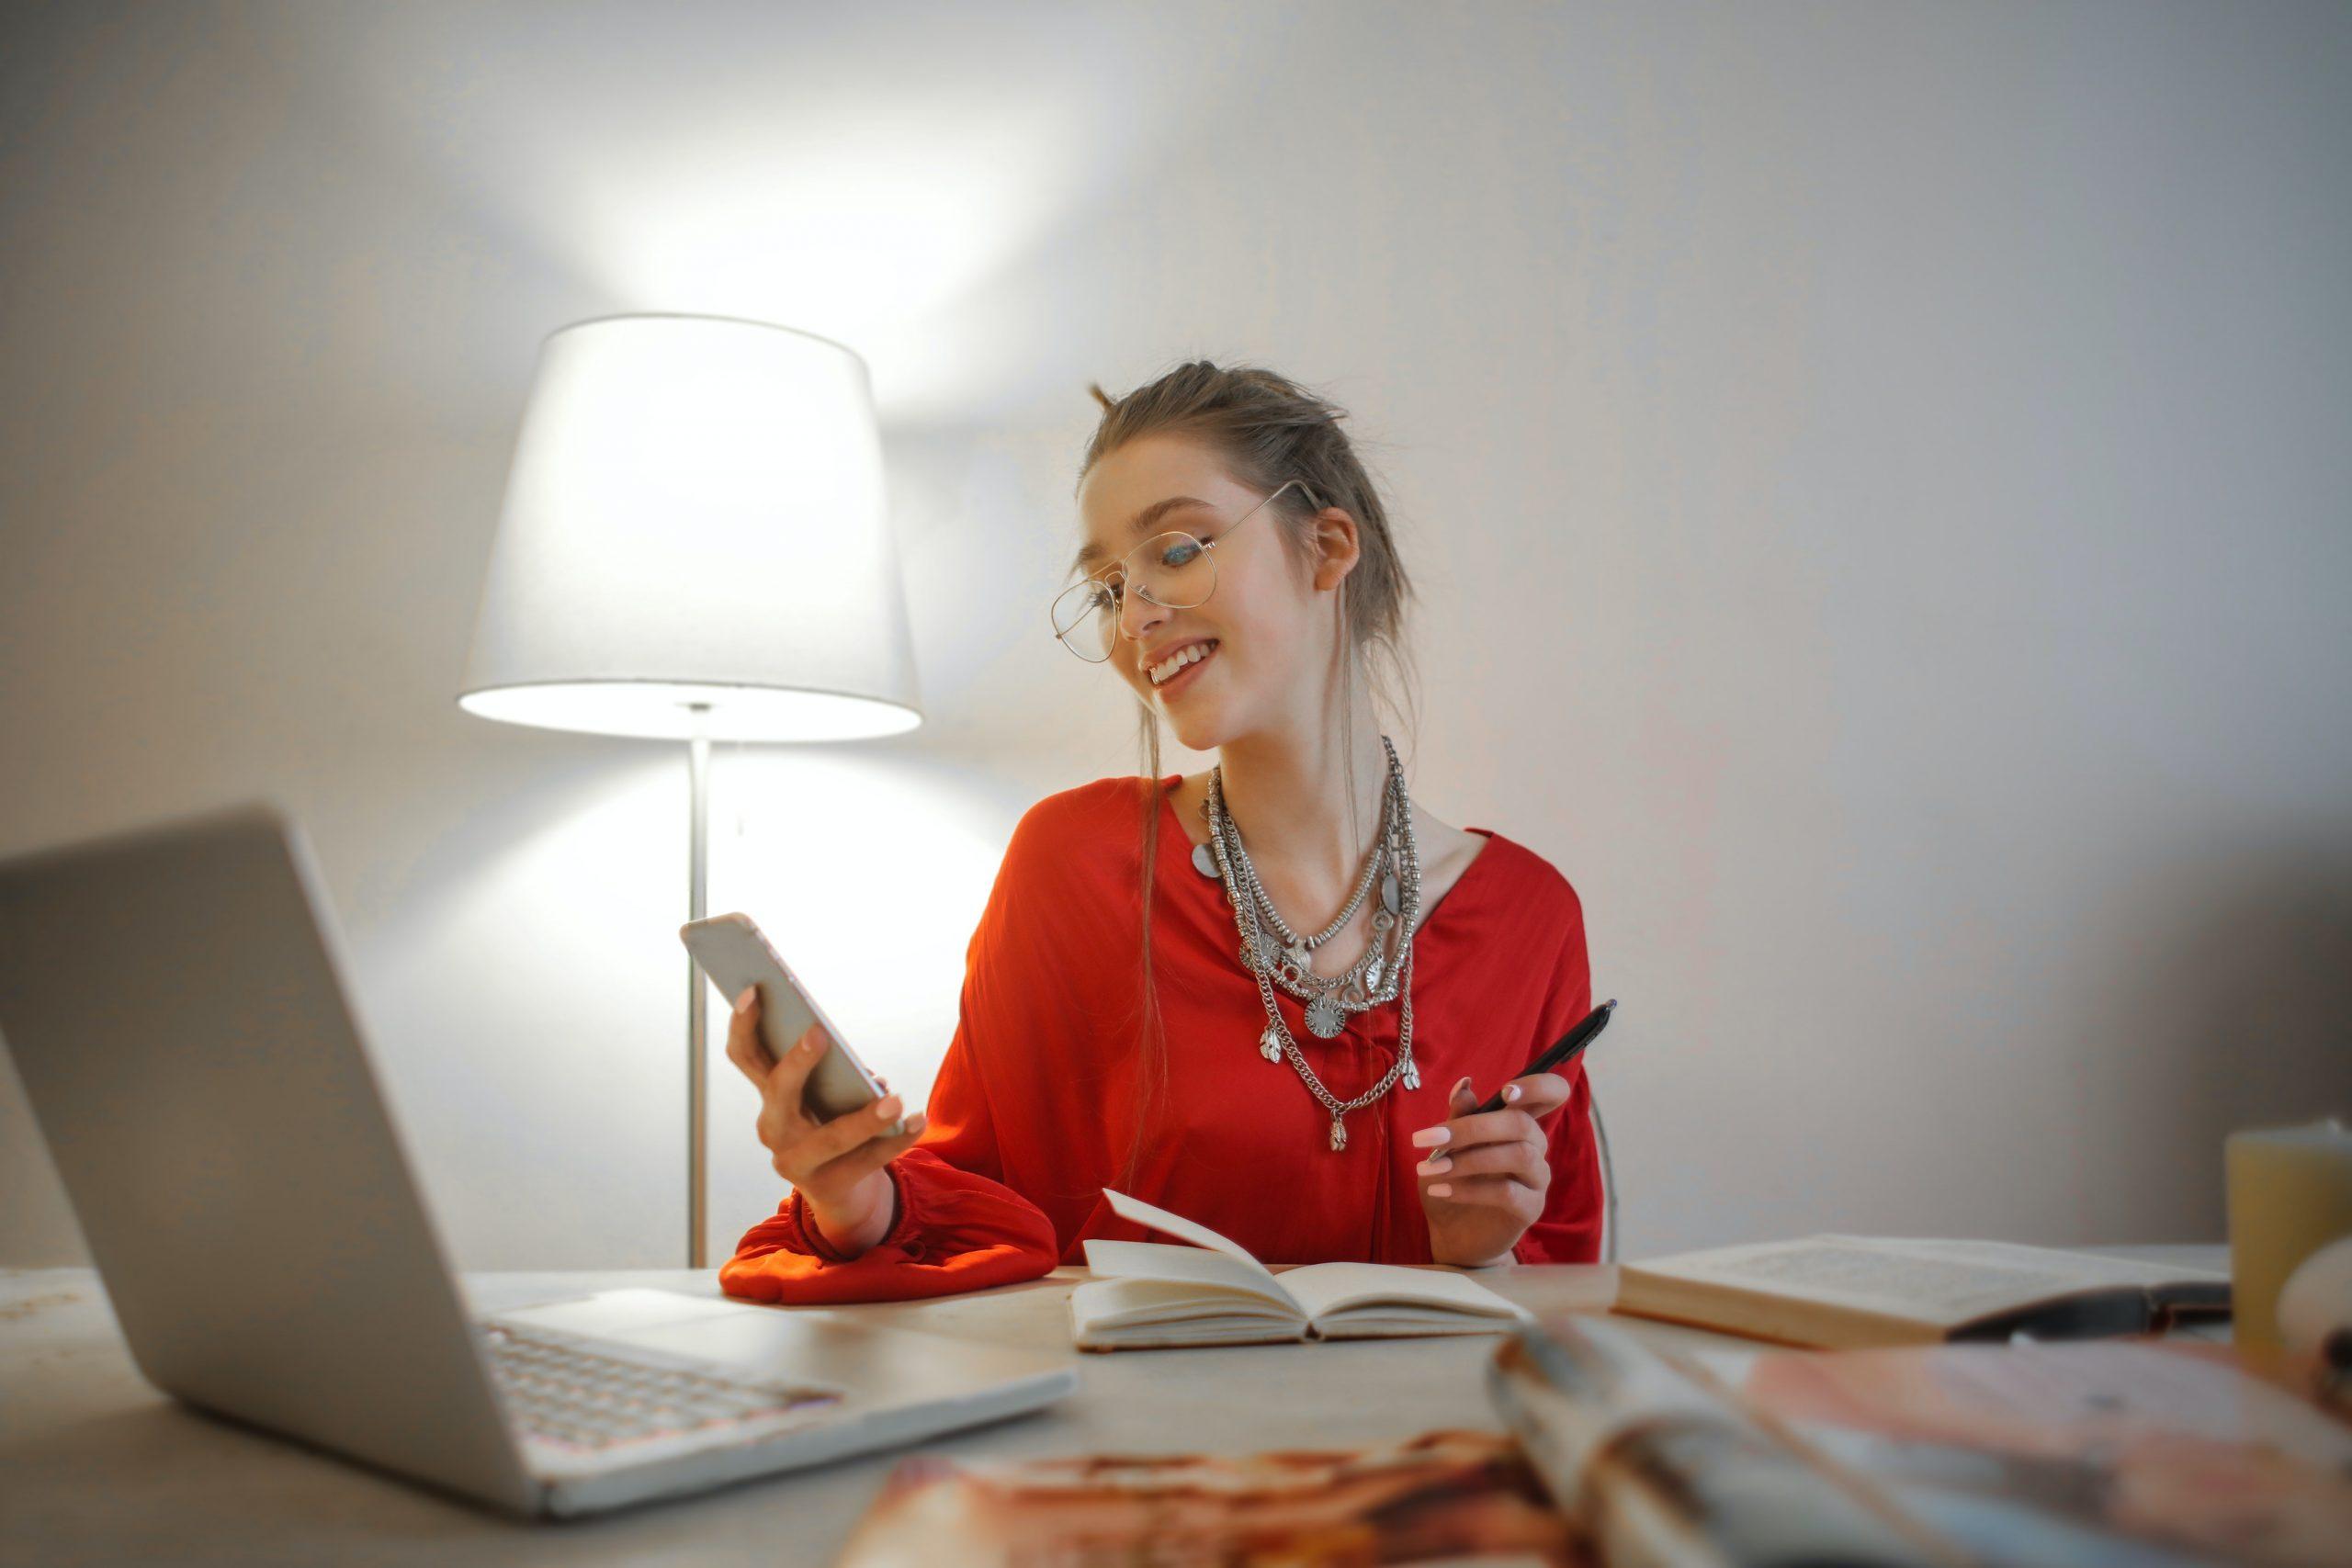 Cuatro formas de mejorar tu concentración y hacer un home office efectivo